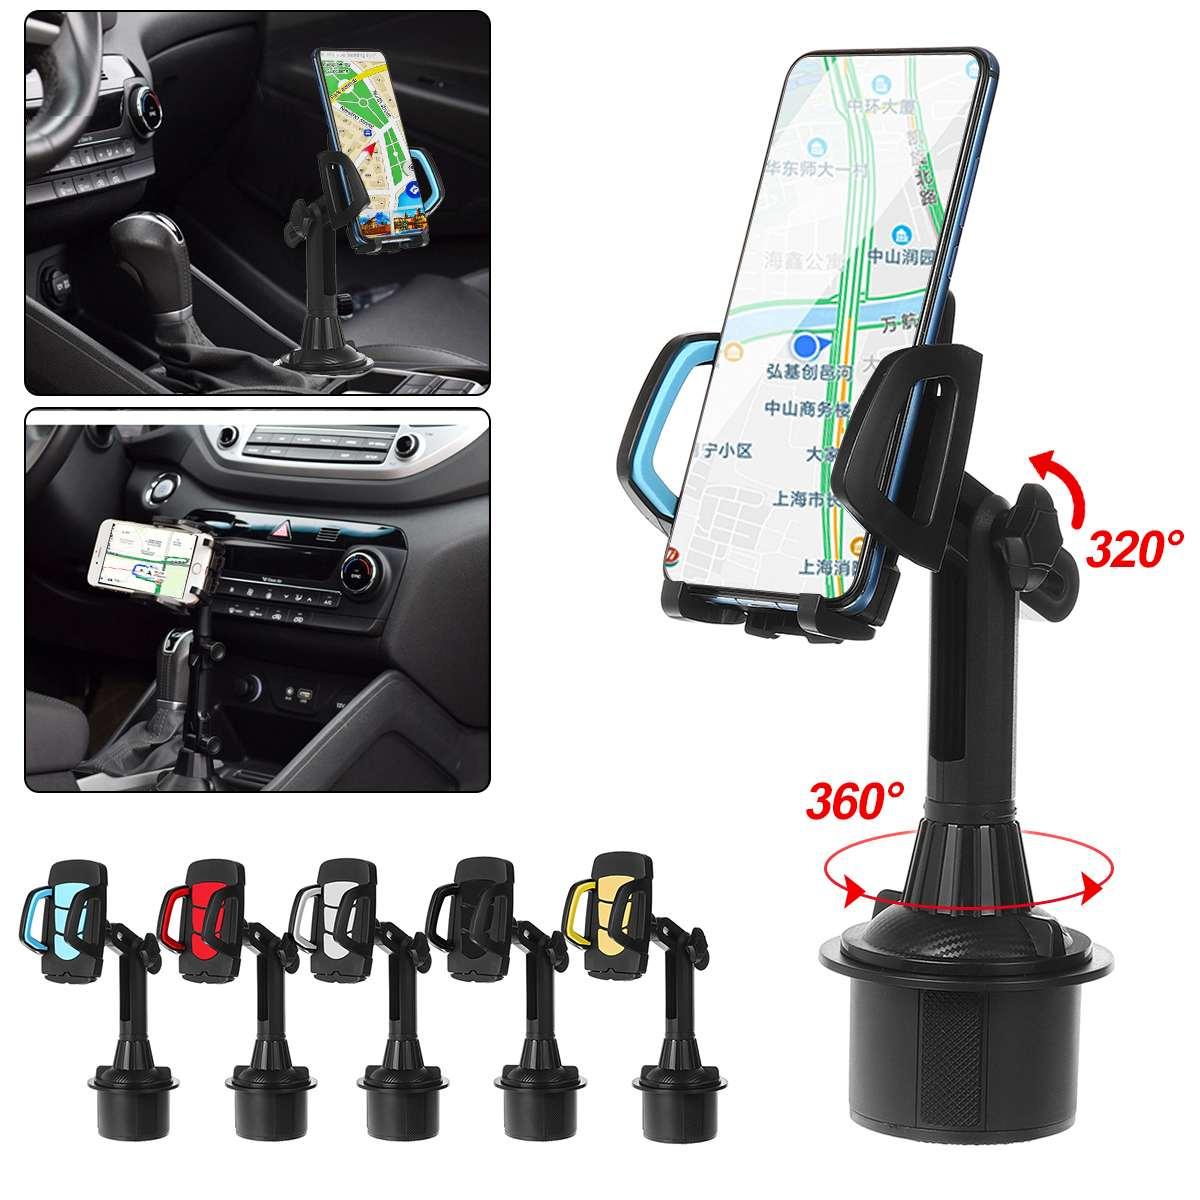 360 Degree Adjustable Universal Car Cup Holder Stand For Phone Adjustable Drink Bottle Holder Mount Support For Phone GPS